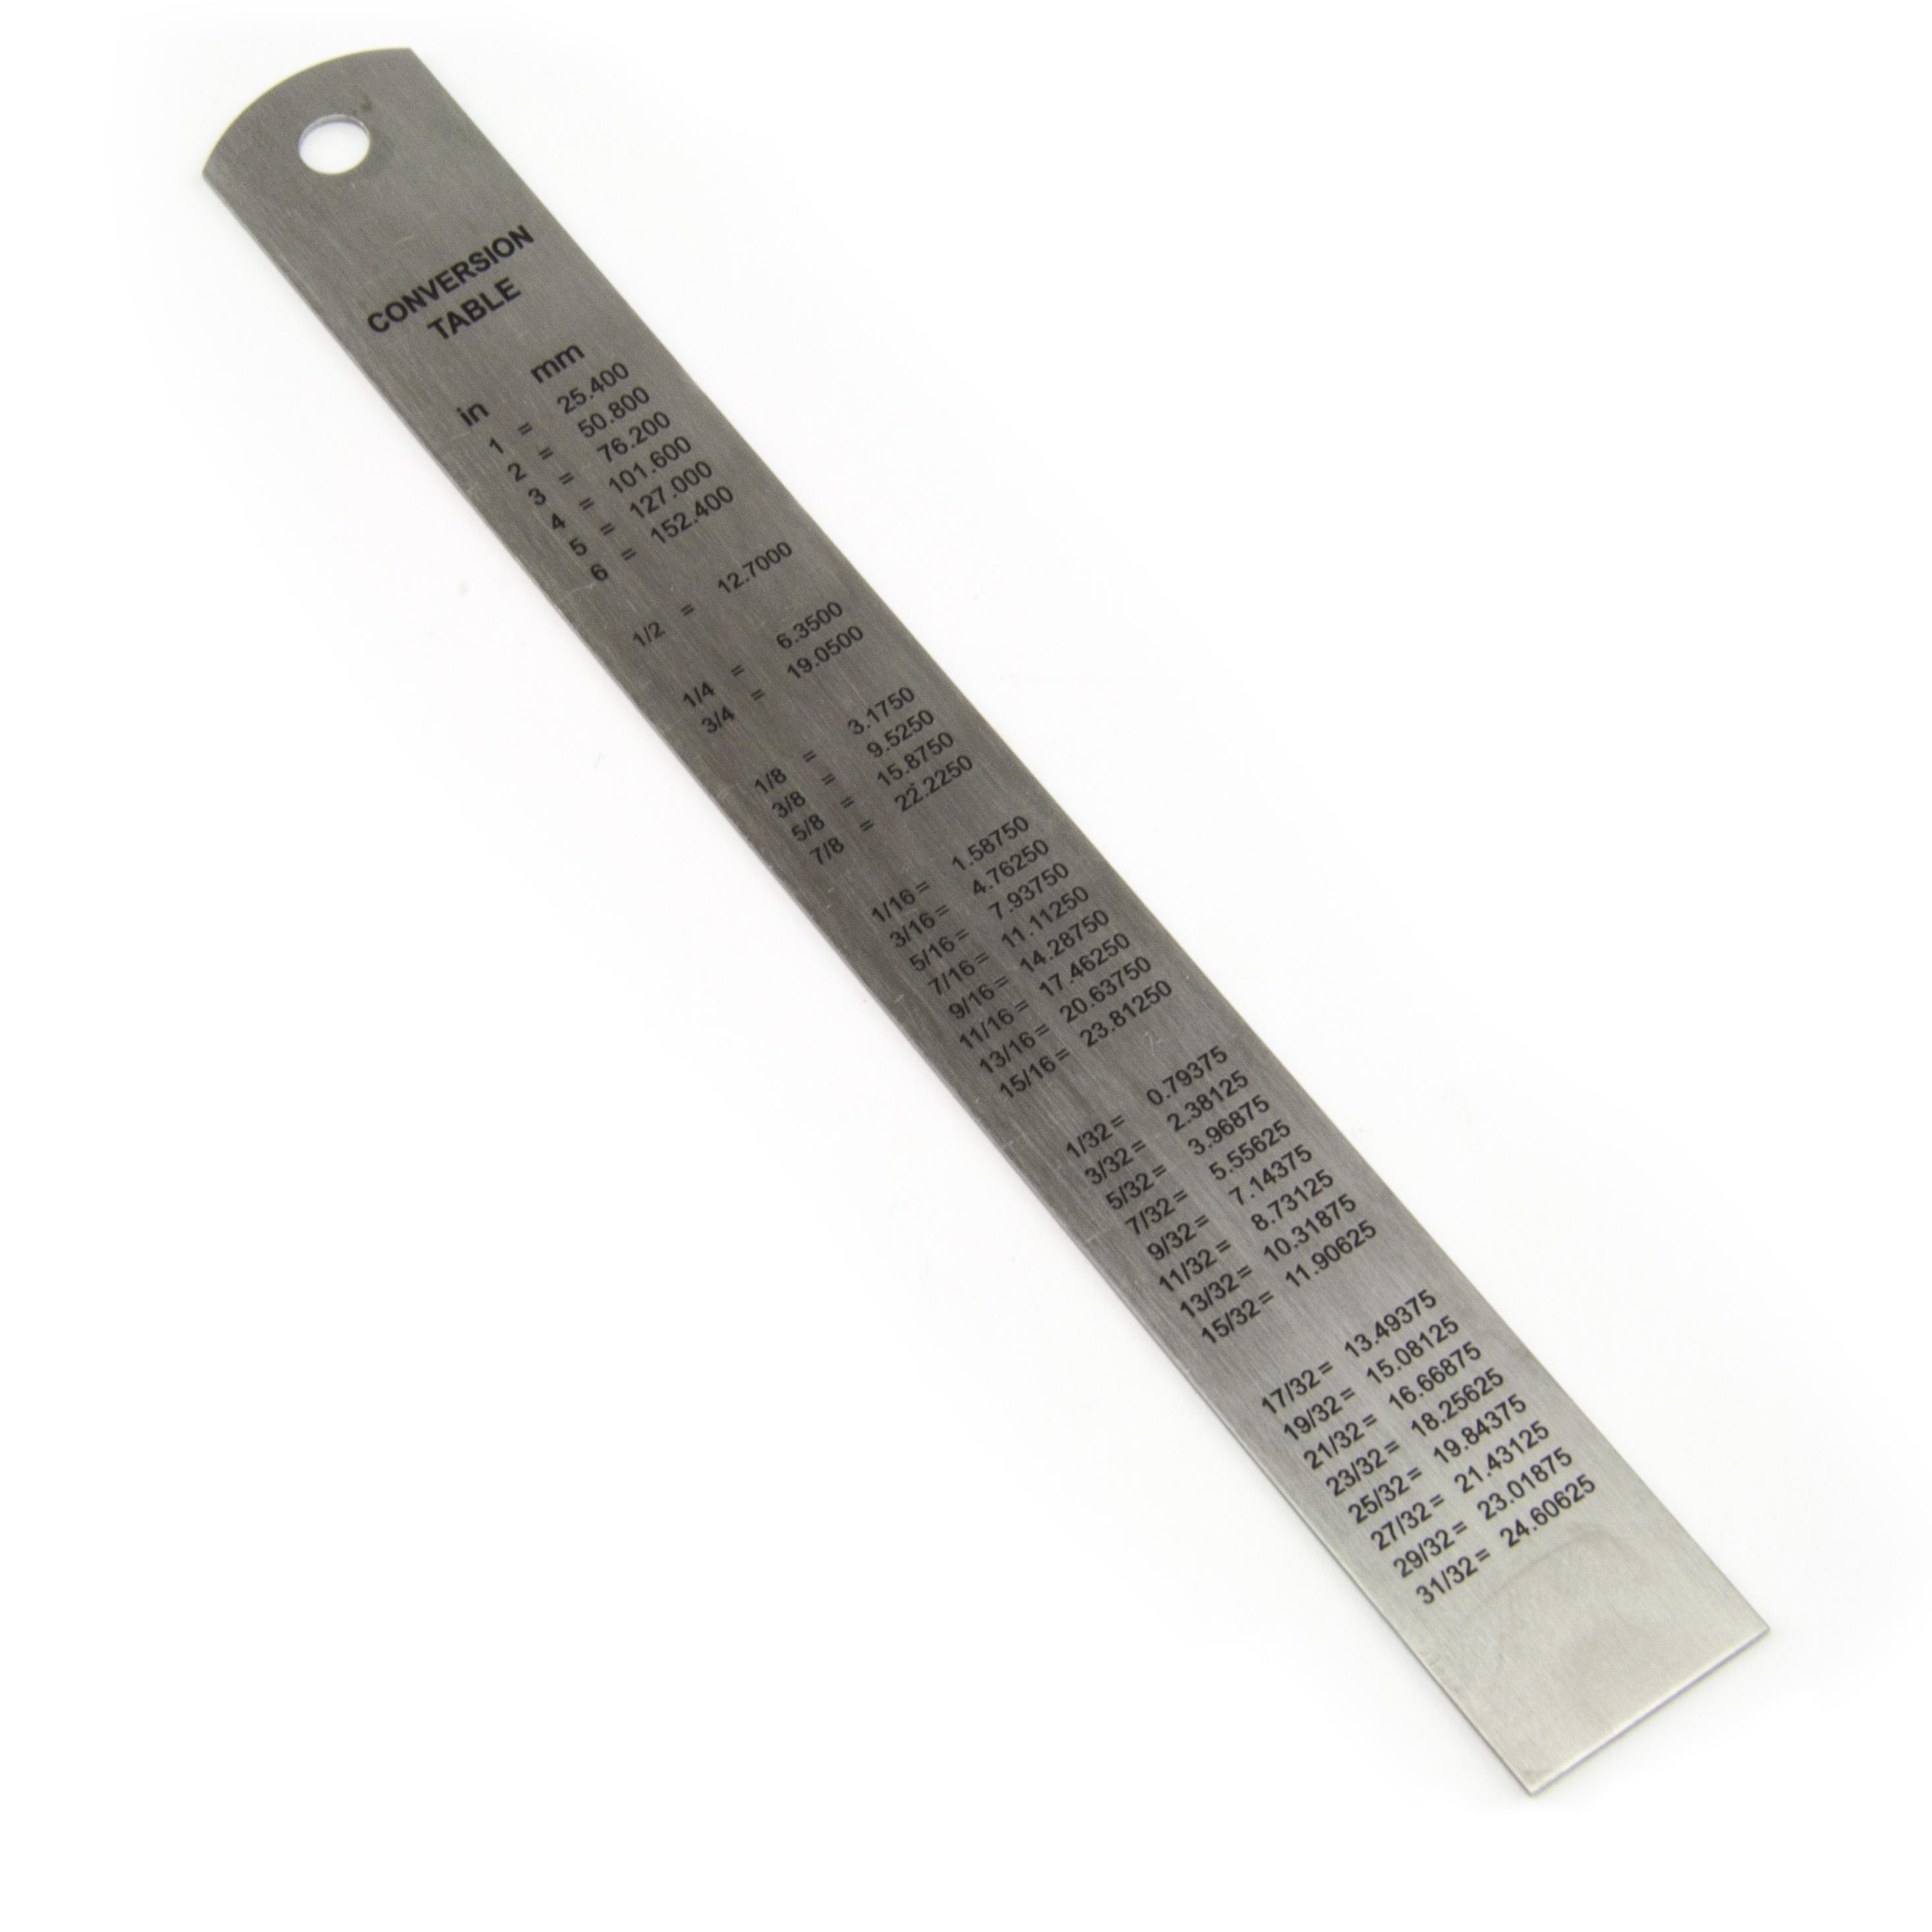 15cm 150mm 6 Inch Stainless Steel Metal Ruler Rule 20mm Wide